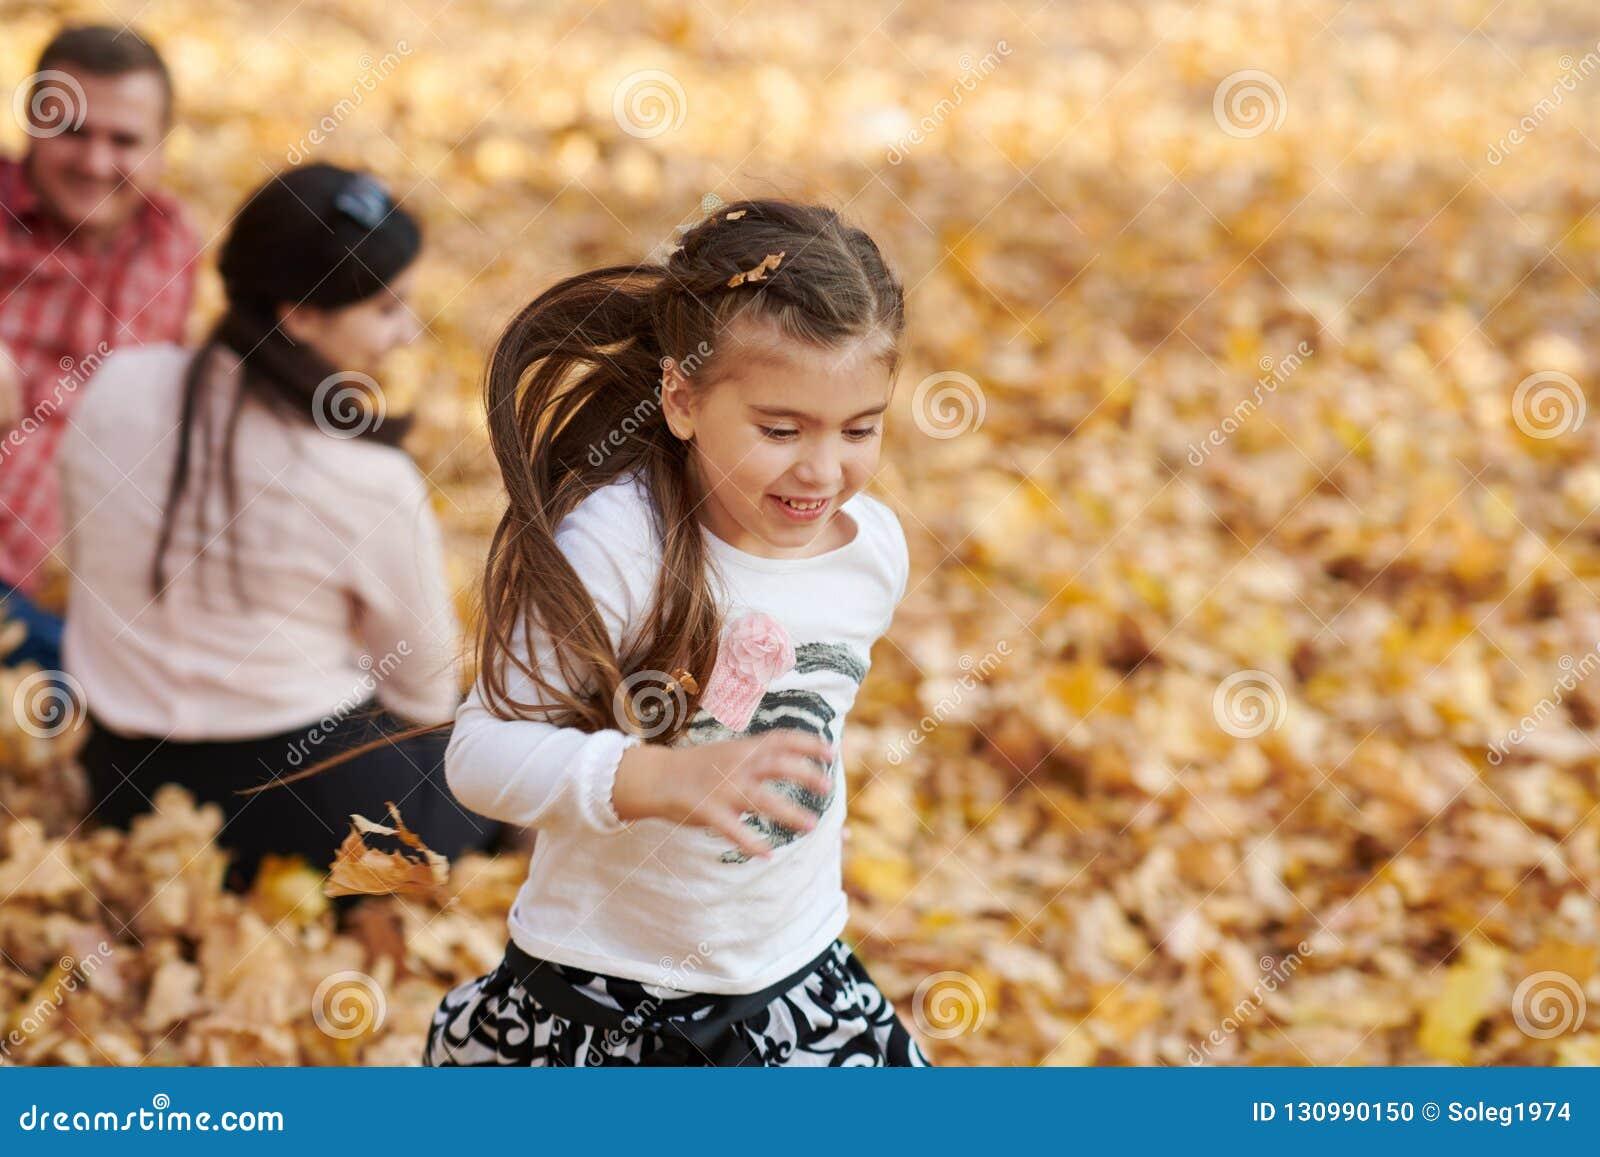 幸福家庭在秋天城市公园 子项和父项 他们摆在,微笑,演奏和获得乐趣 明亮的黄色树